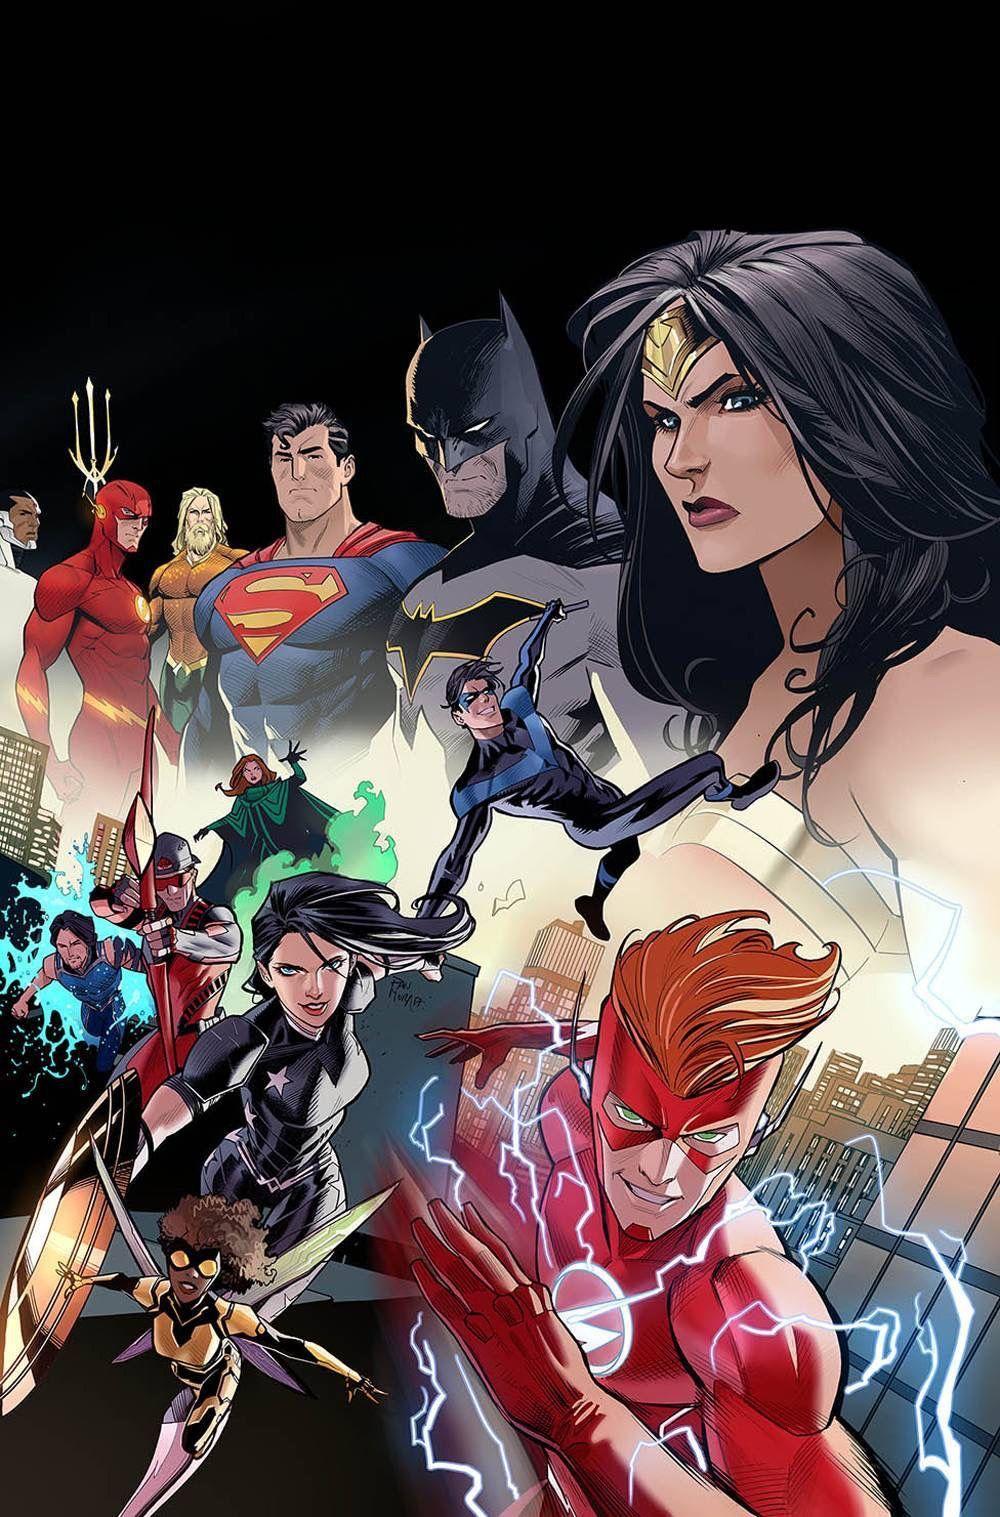 Titans Justice League Dc Comics Art Dc Comics Artwork Comic Art